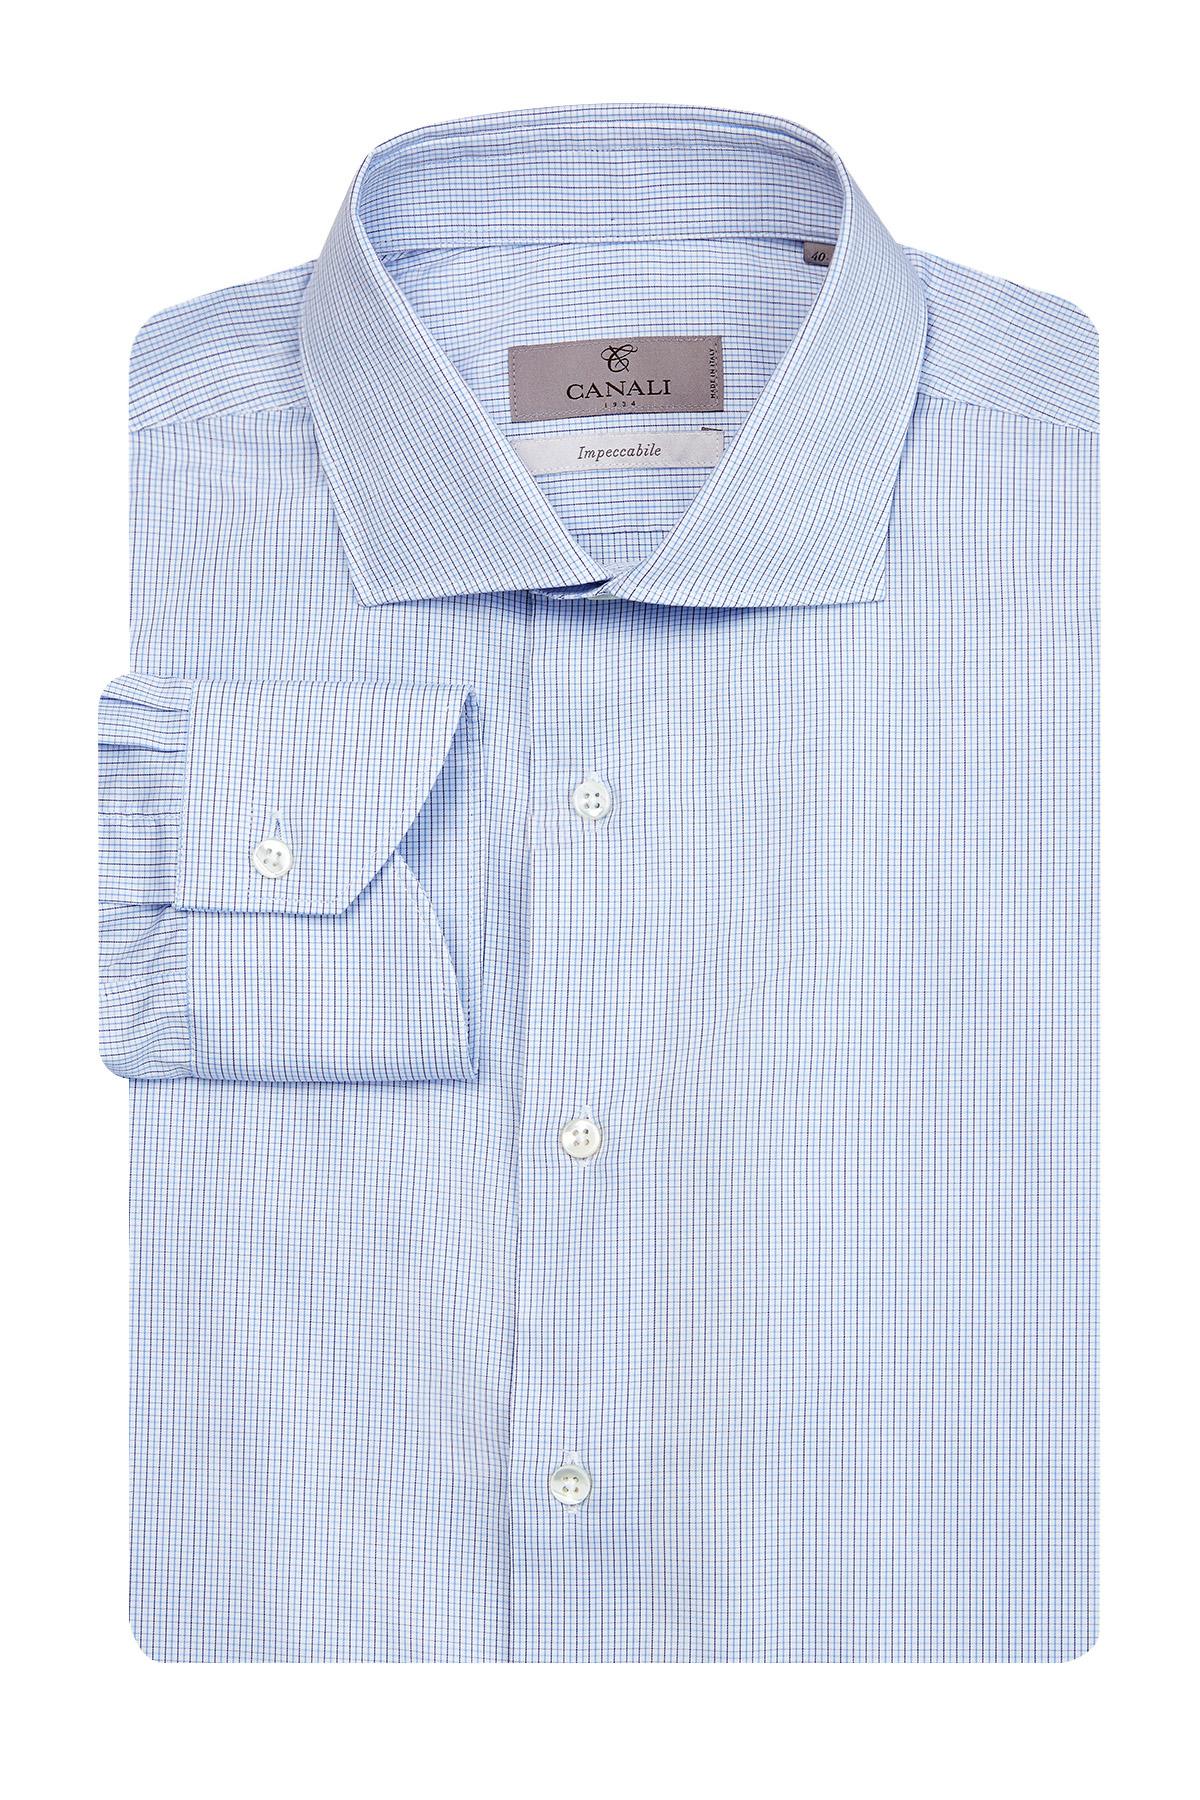 Рубашка из поплина Impeccabile с микро-принтом